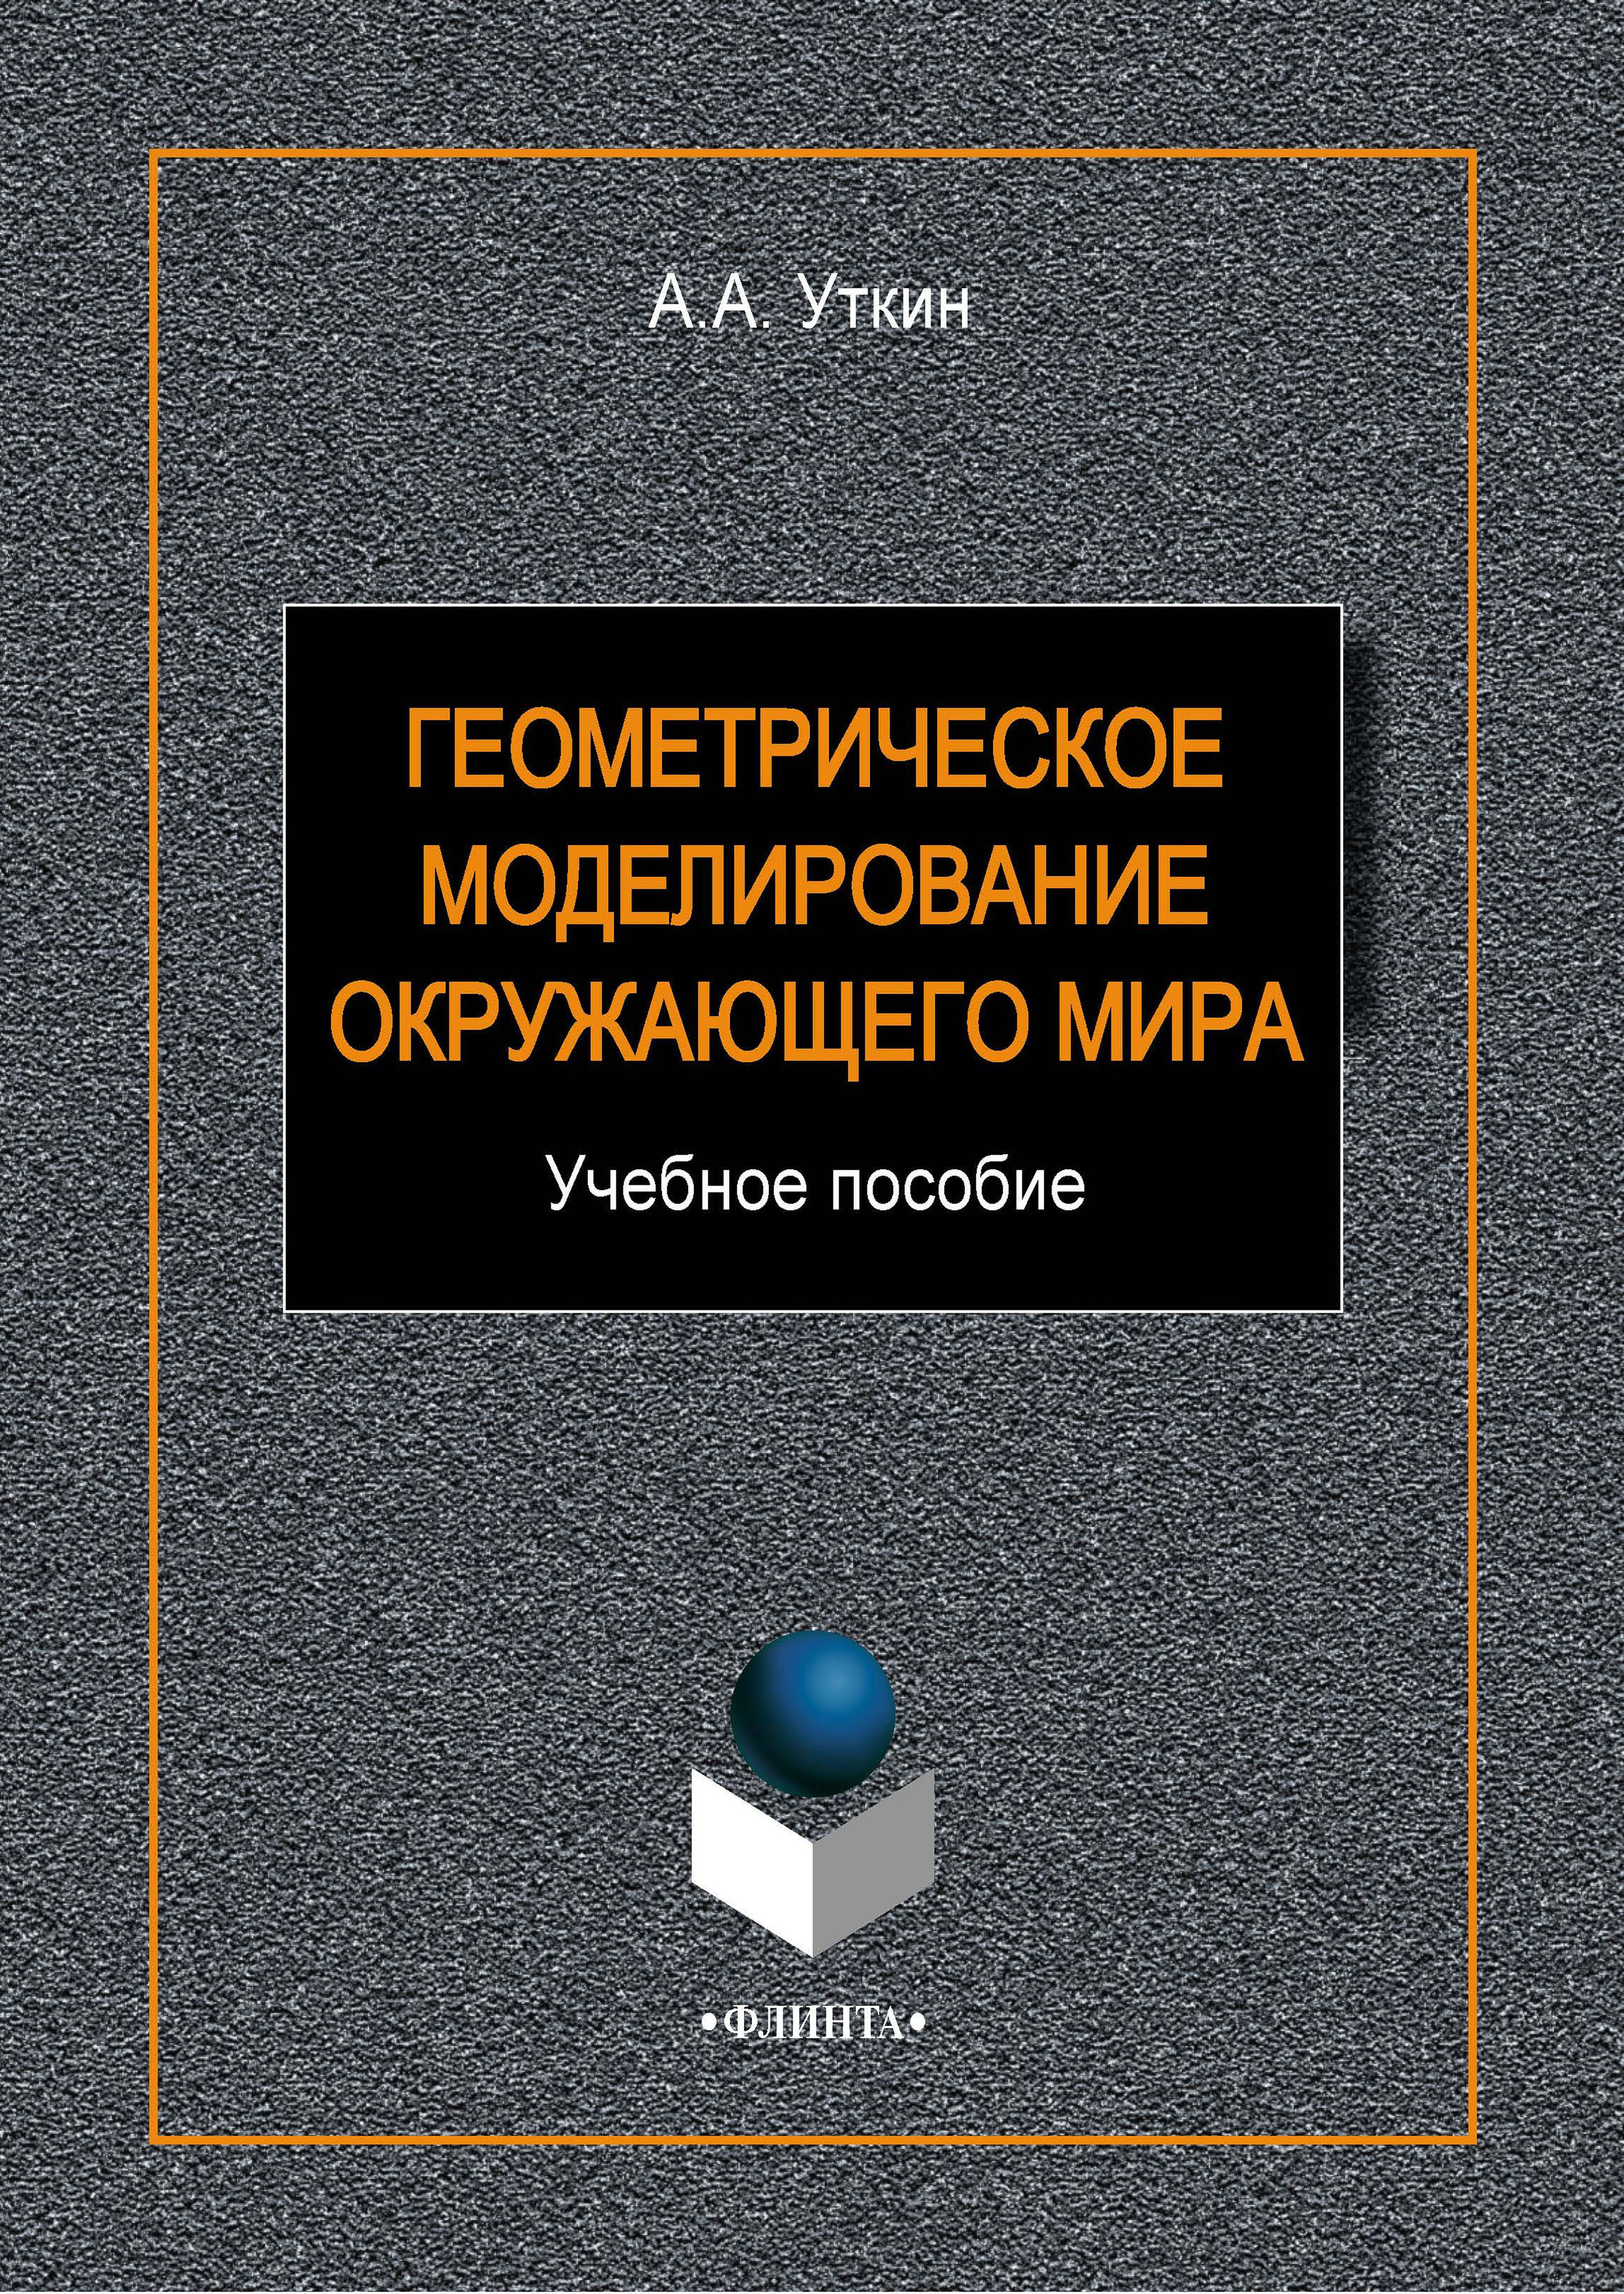 А. А. Уткин Геометрическое моделирование окружающего мира а а уткин геометрическое моделирование окружающего мира